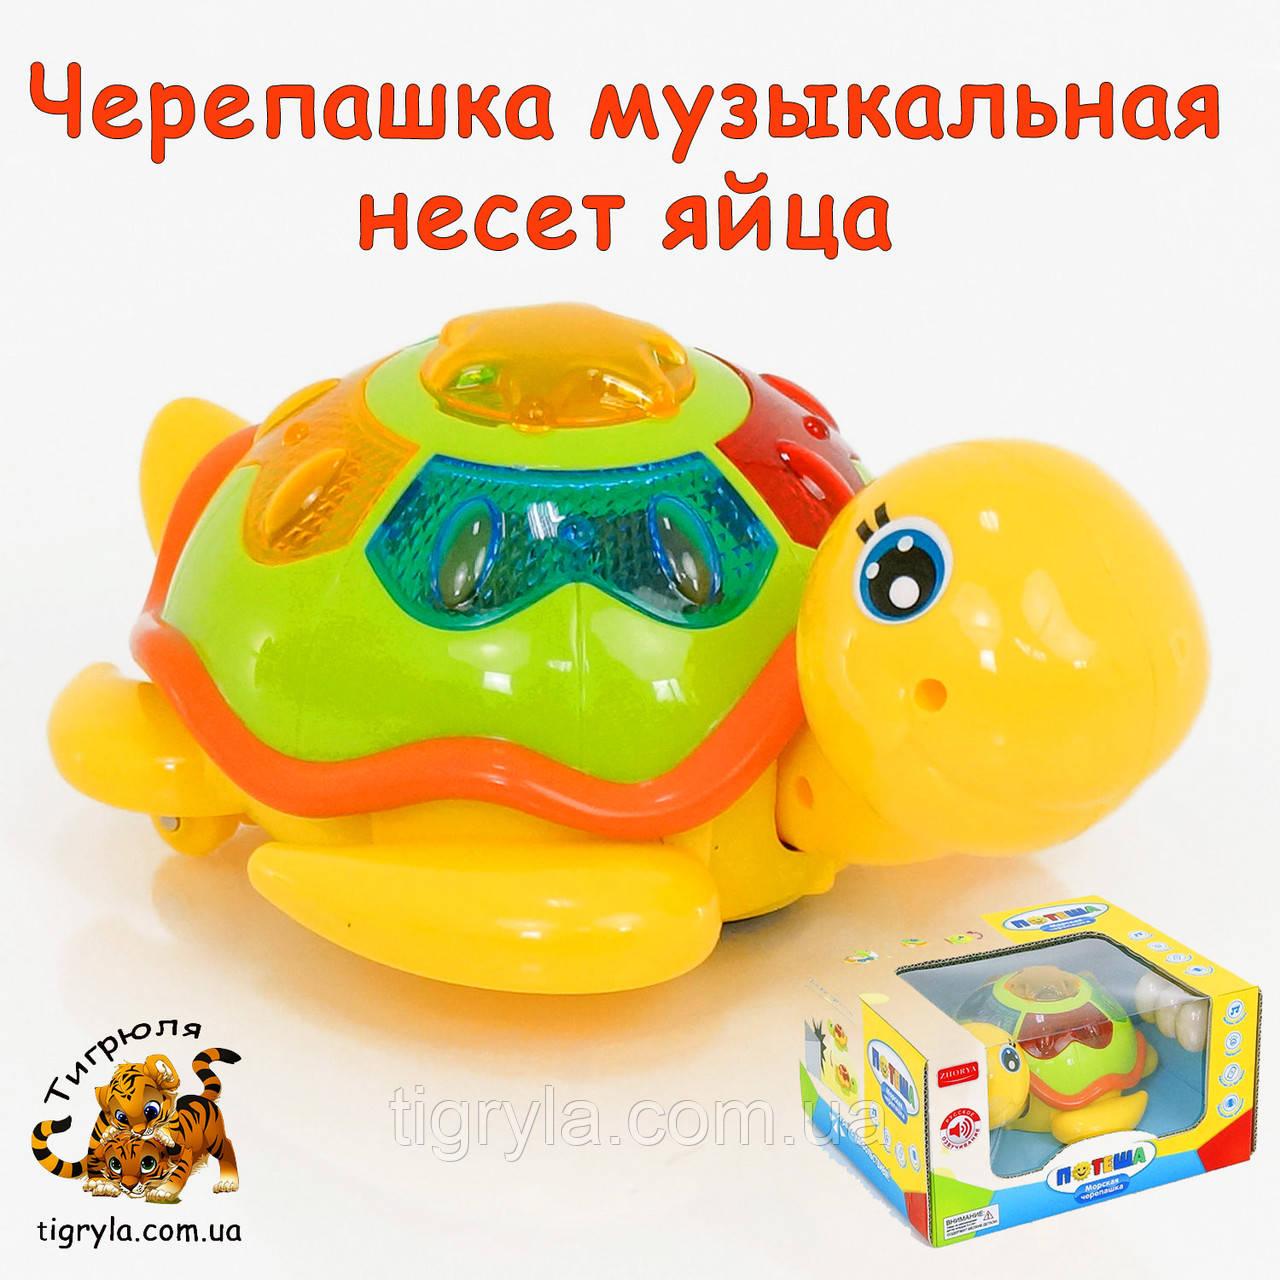 Іграшка сортер Черепаха